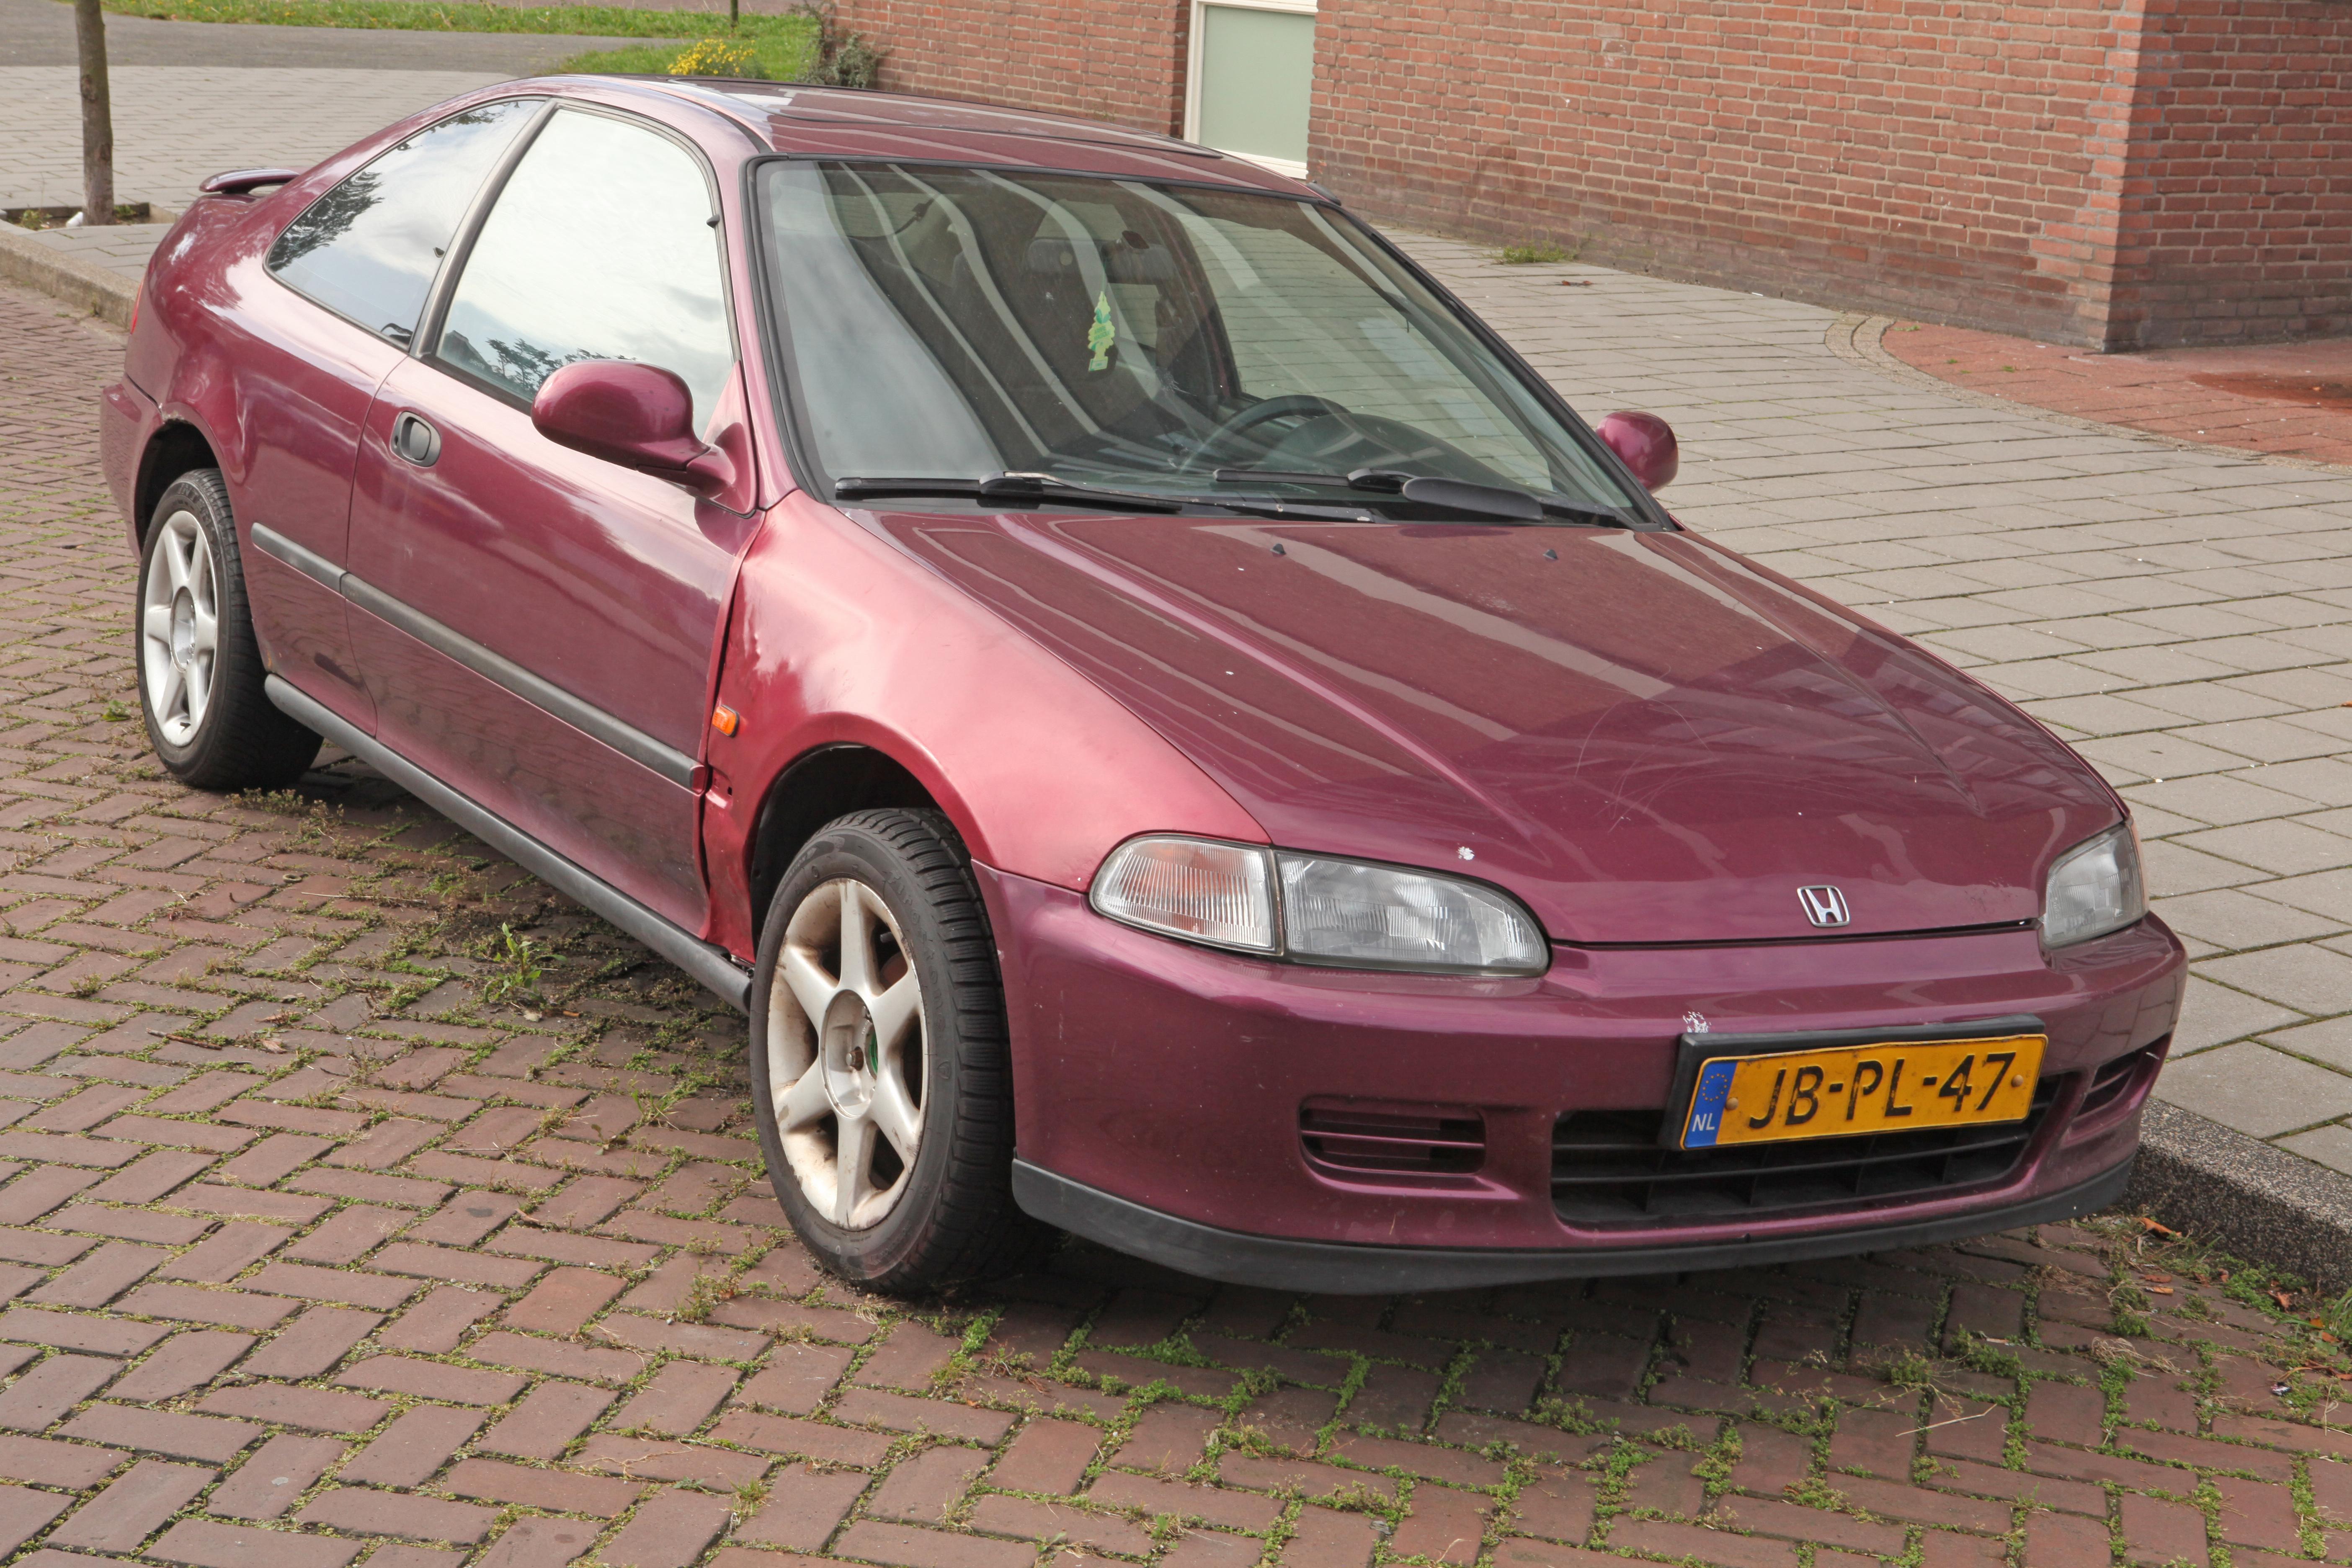 Kelebihan Kekurangan Honda Civic 1994 Top Model Tahun Ini